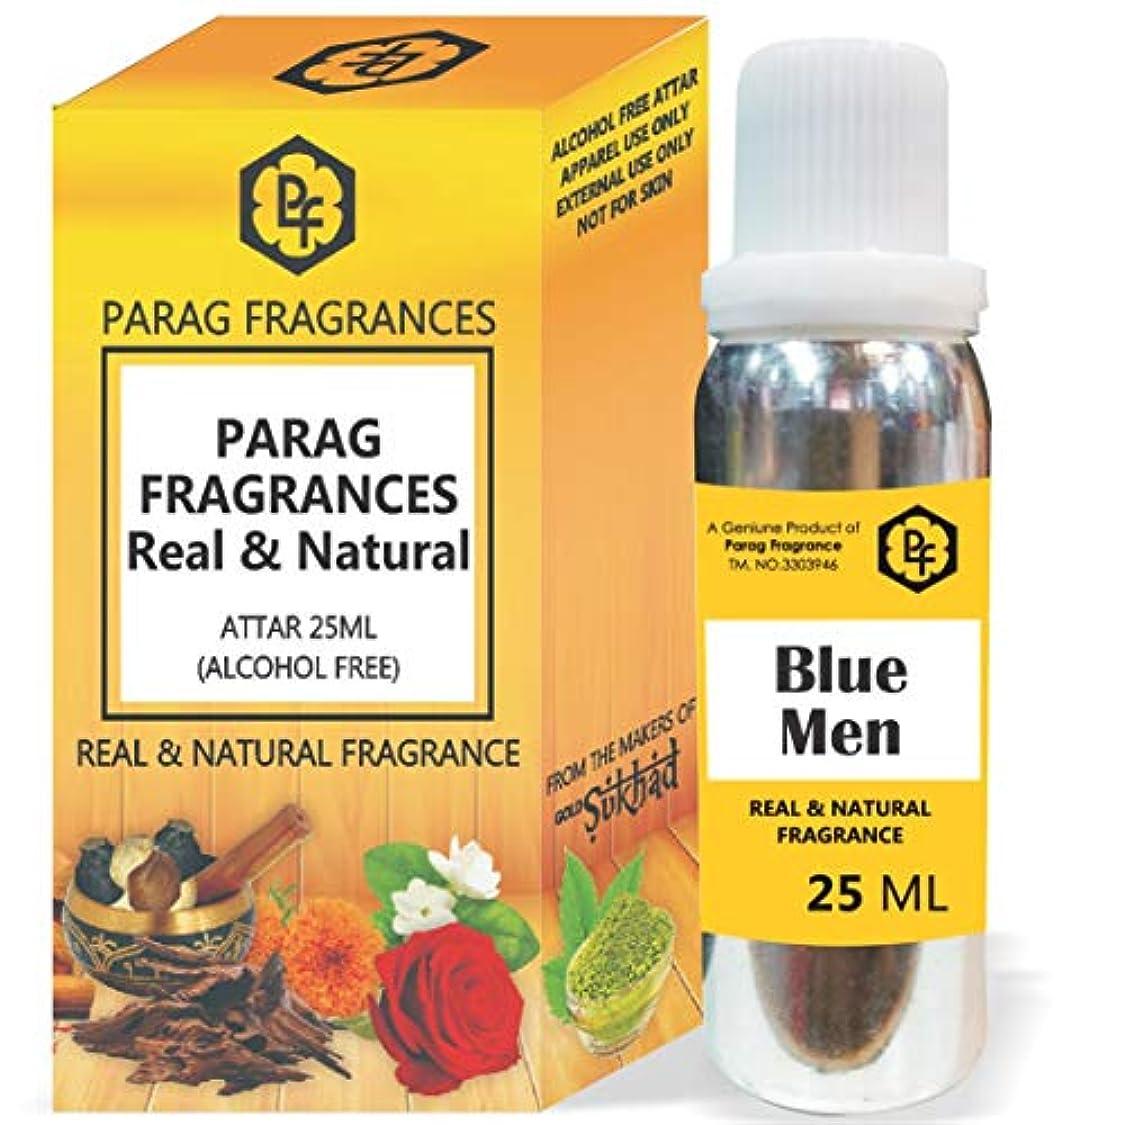 手伝ううそつき人類50/100/200/500パック内の他のエディションファンシー空き瓶(アルコールフリー、ロングラスティング、自然アター)でParagフレグランス25ミリリットルブルーメンアター